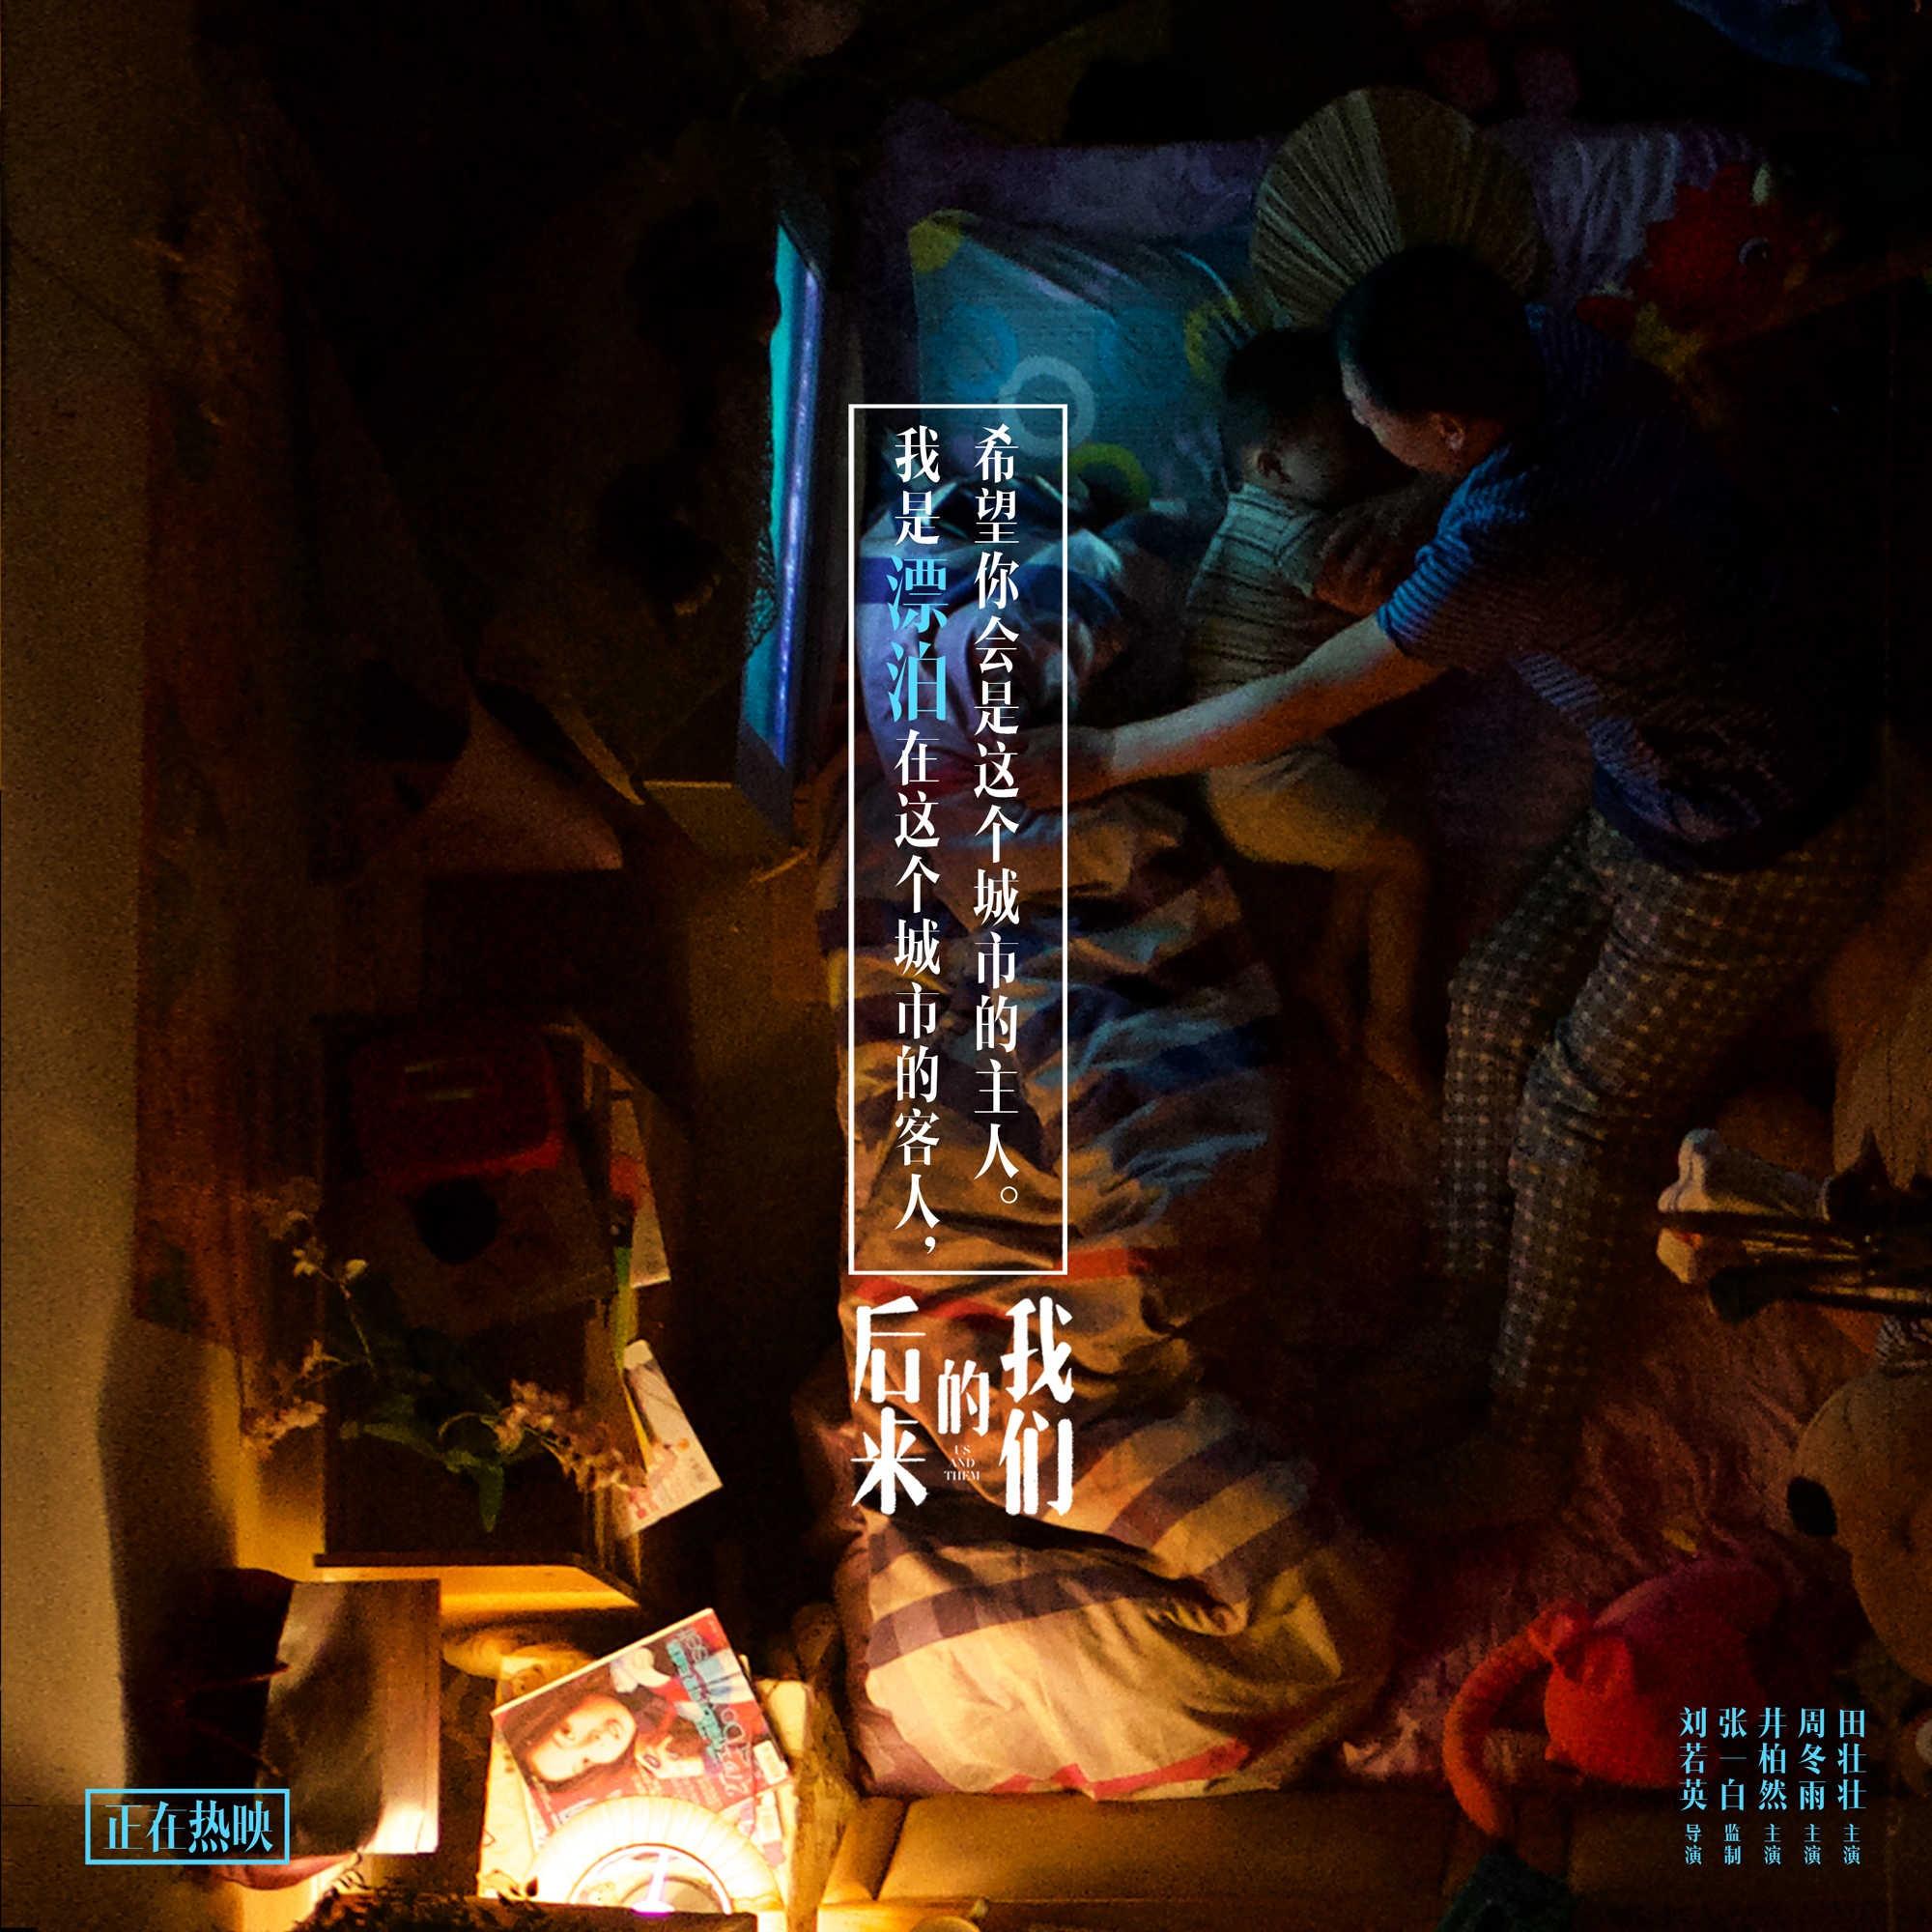 中国所有女明星名单香港喜剧明星苑琼丹开微博分享超雷人纸巾筒